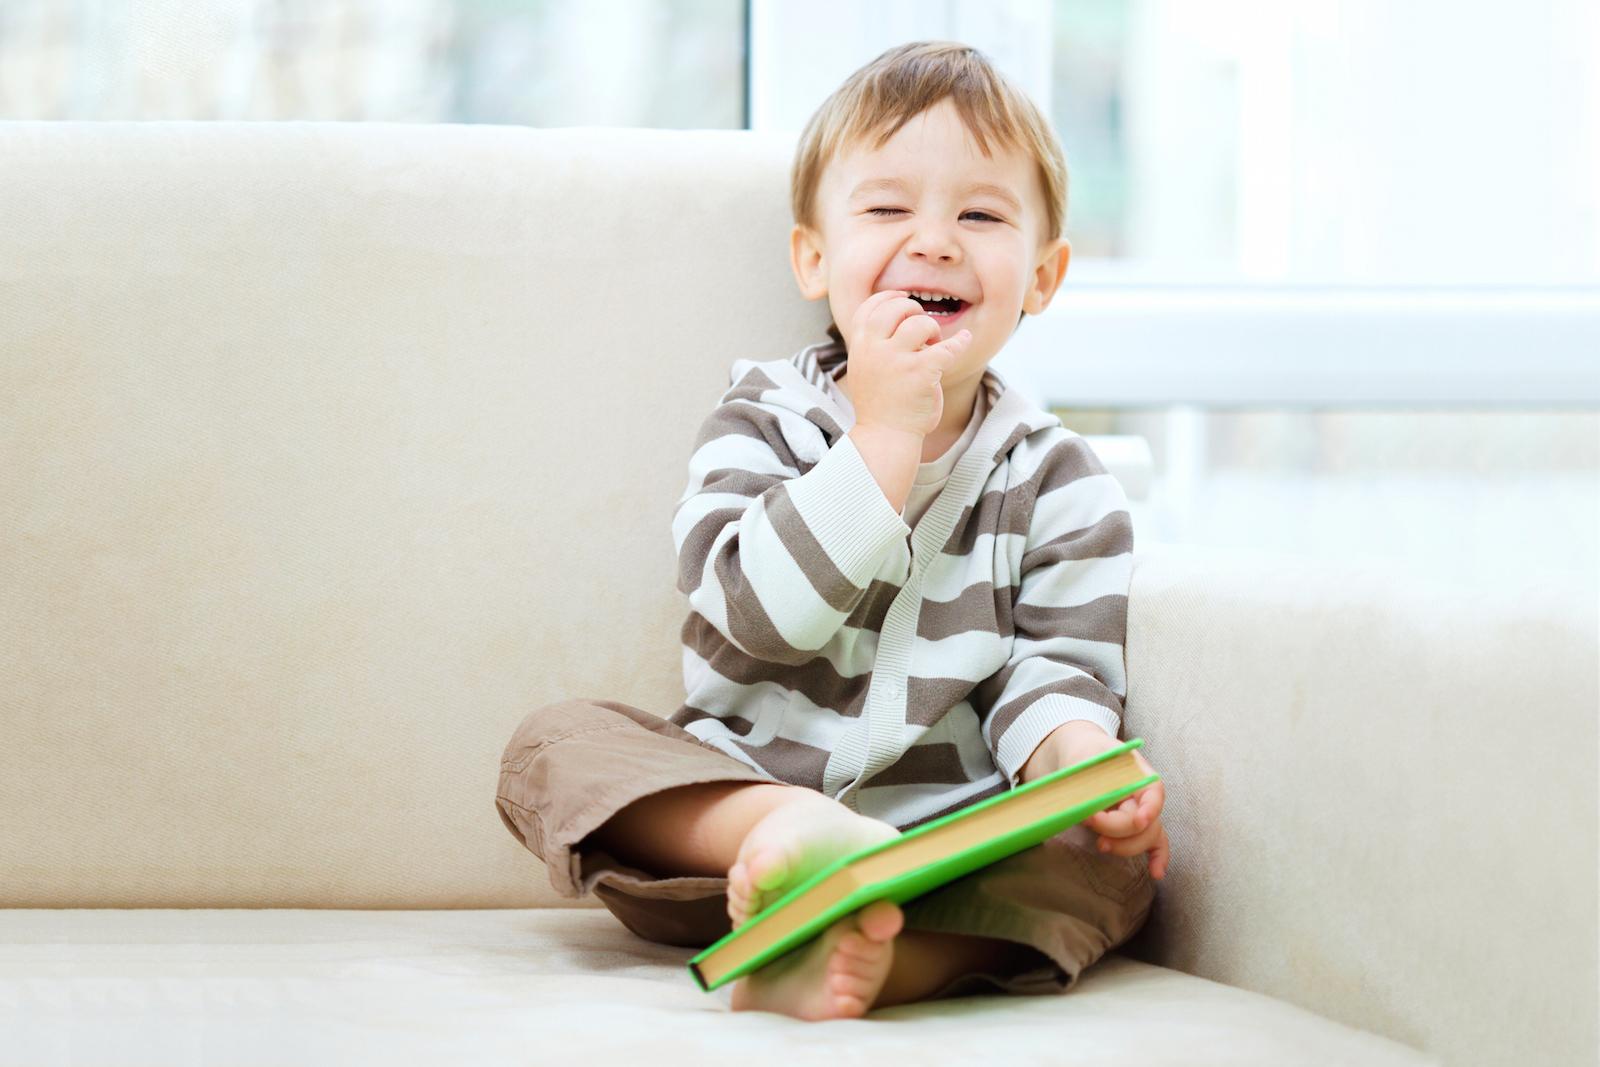 nahrungsmittelallergien im kindesalter